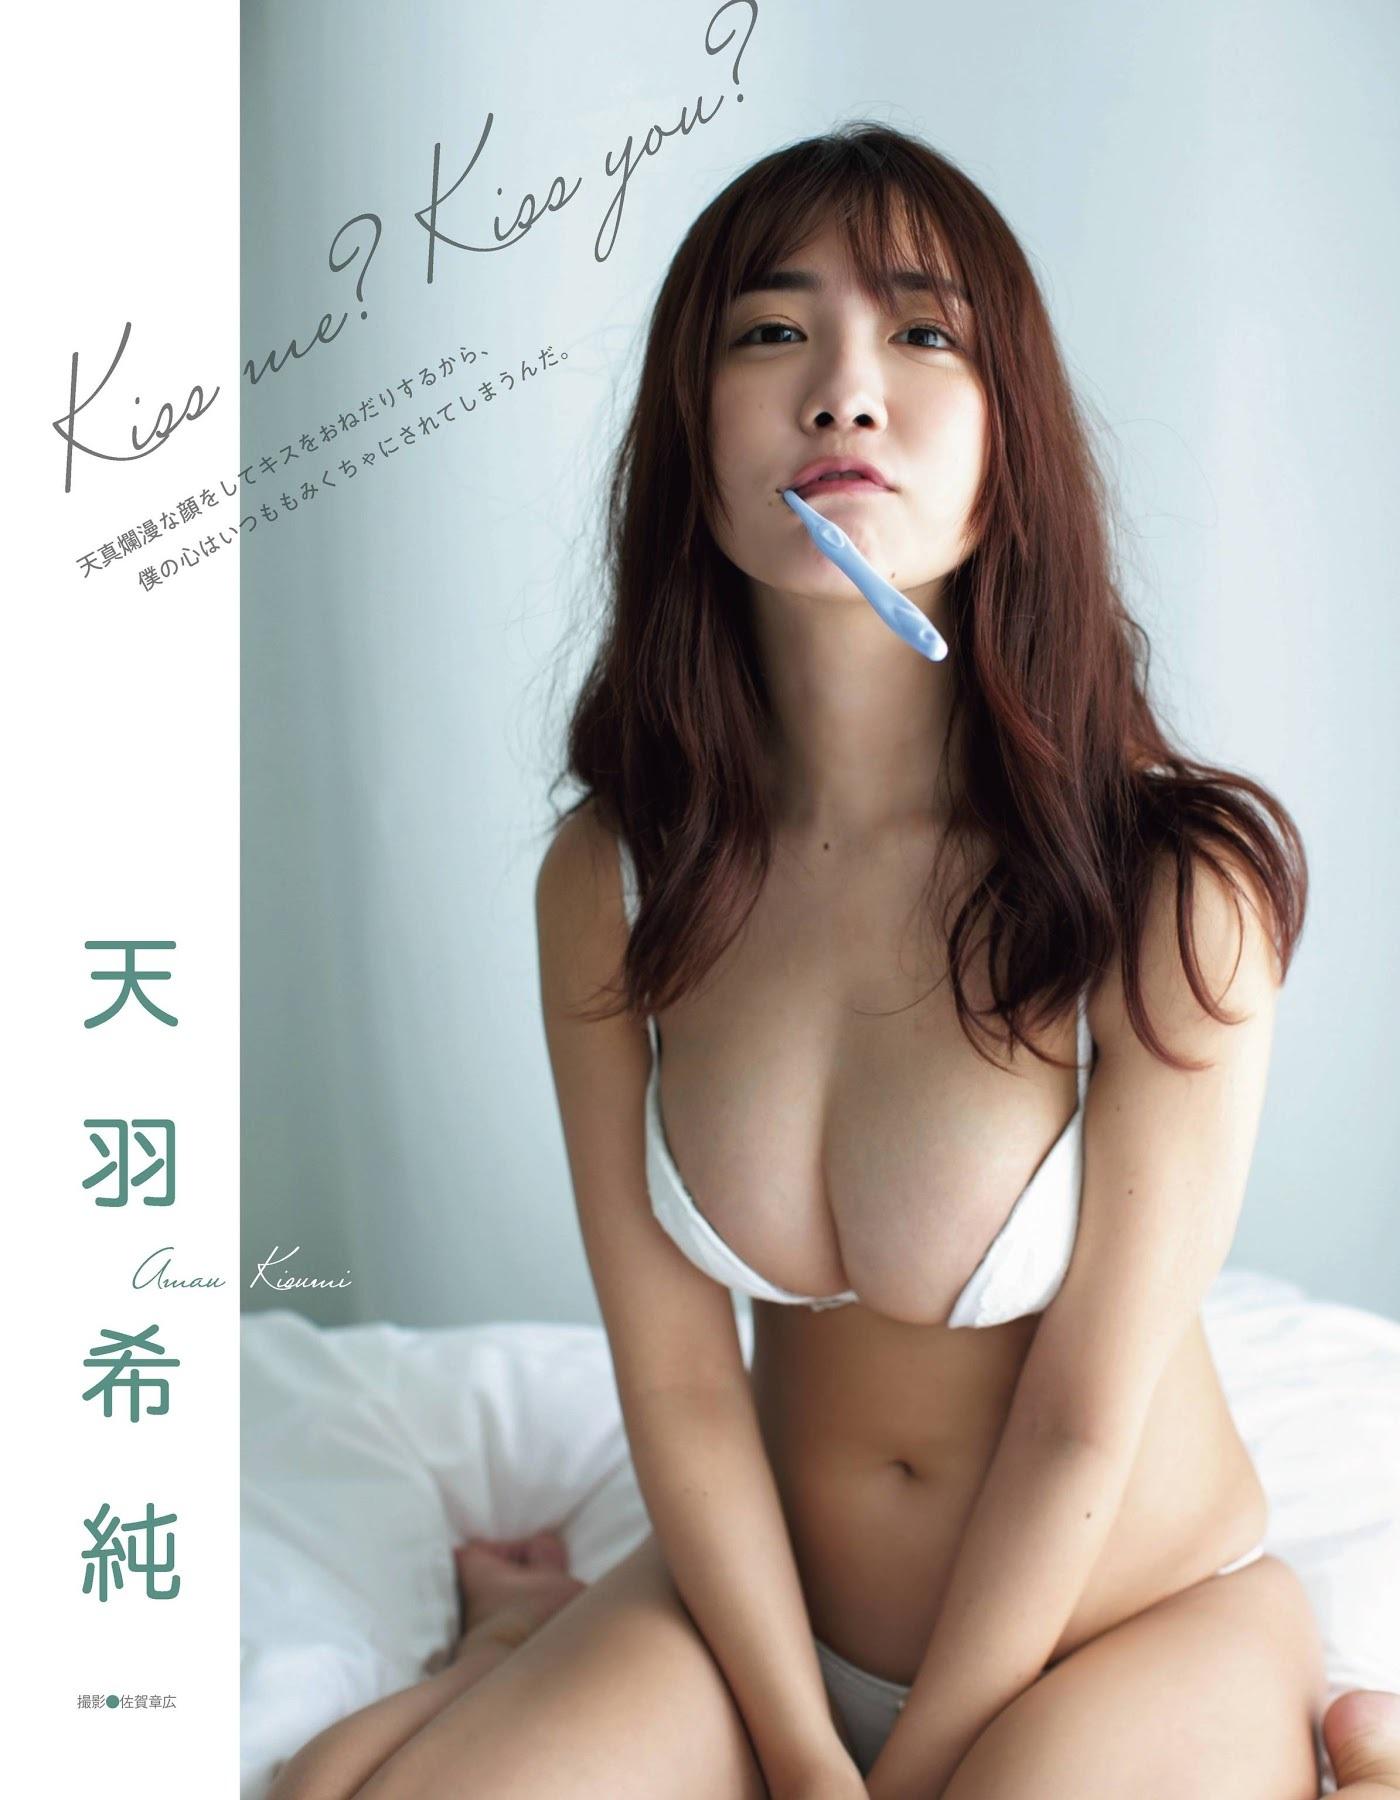 天羽希純44